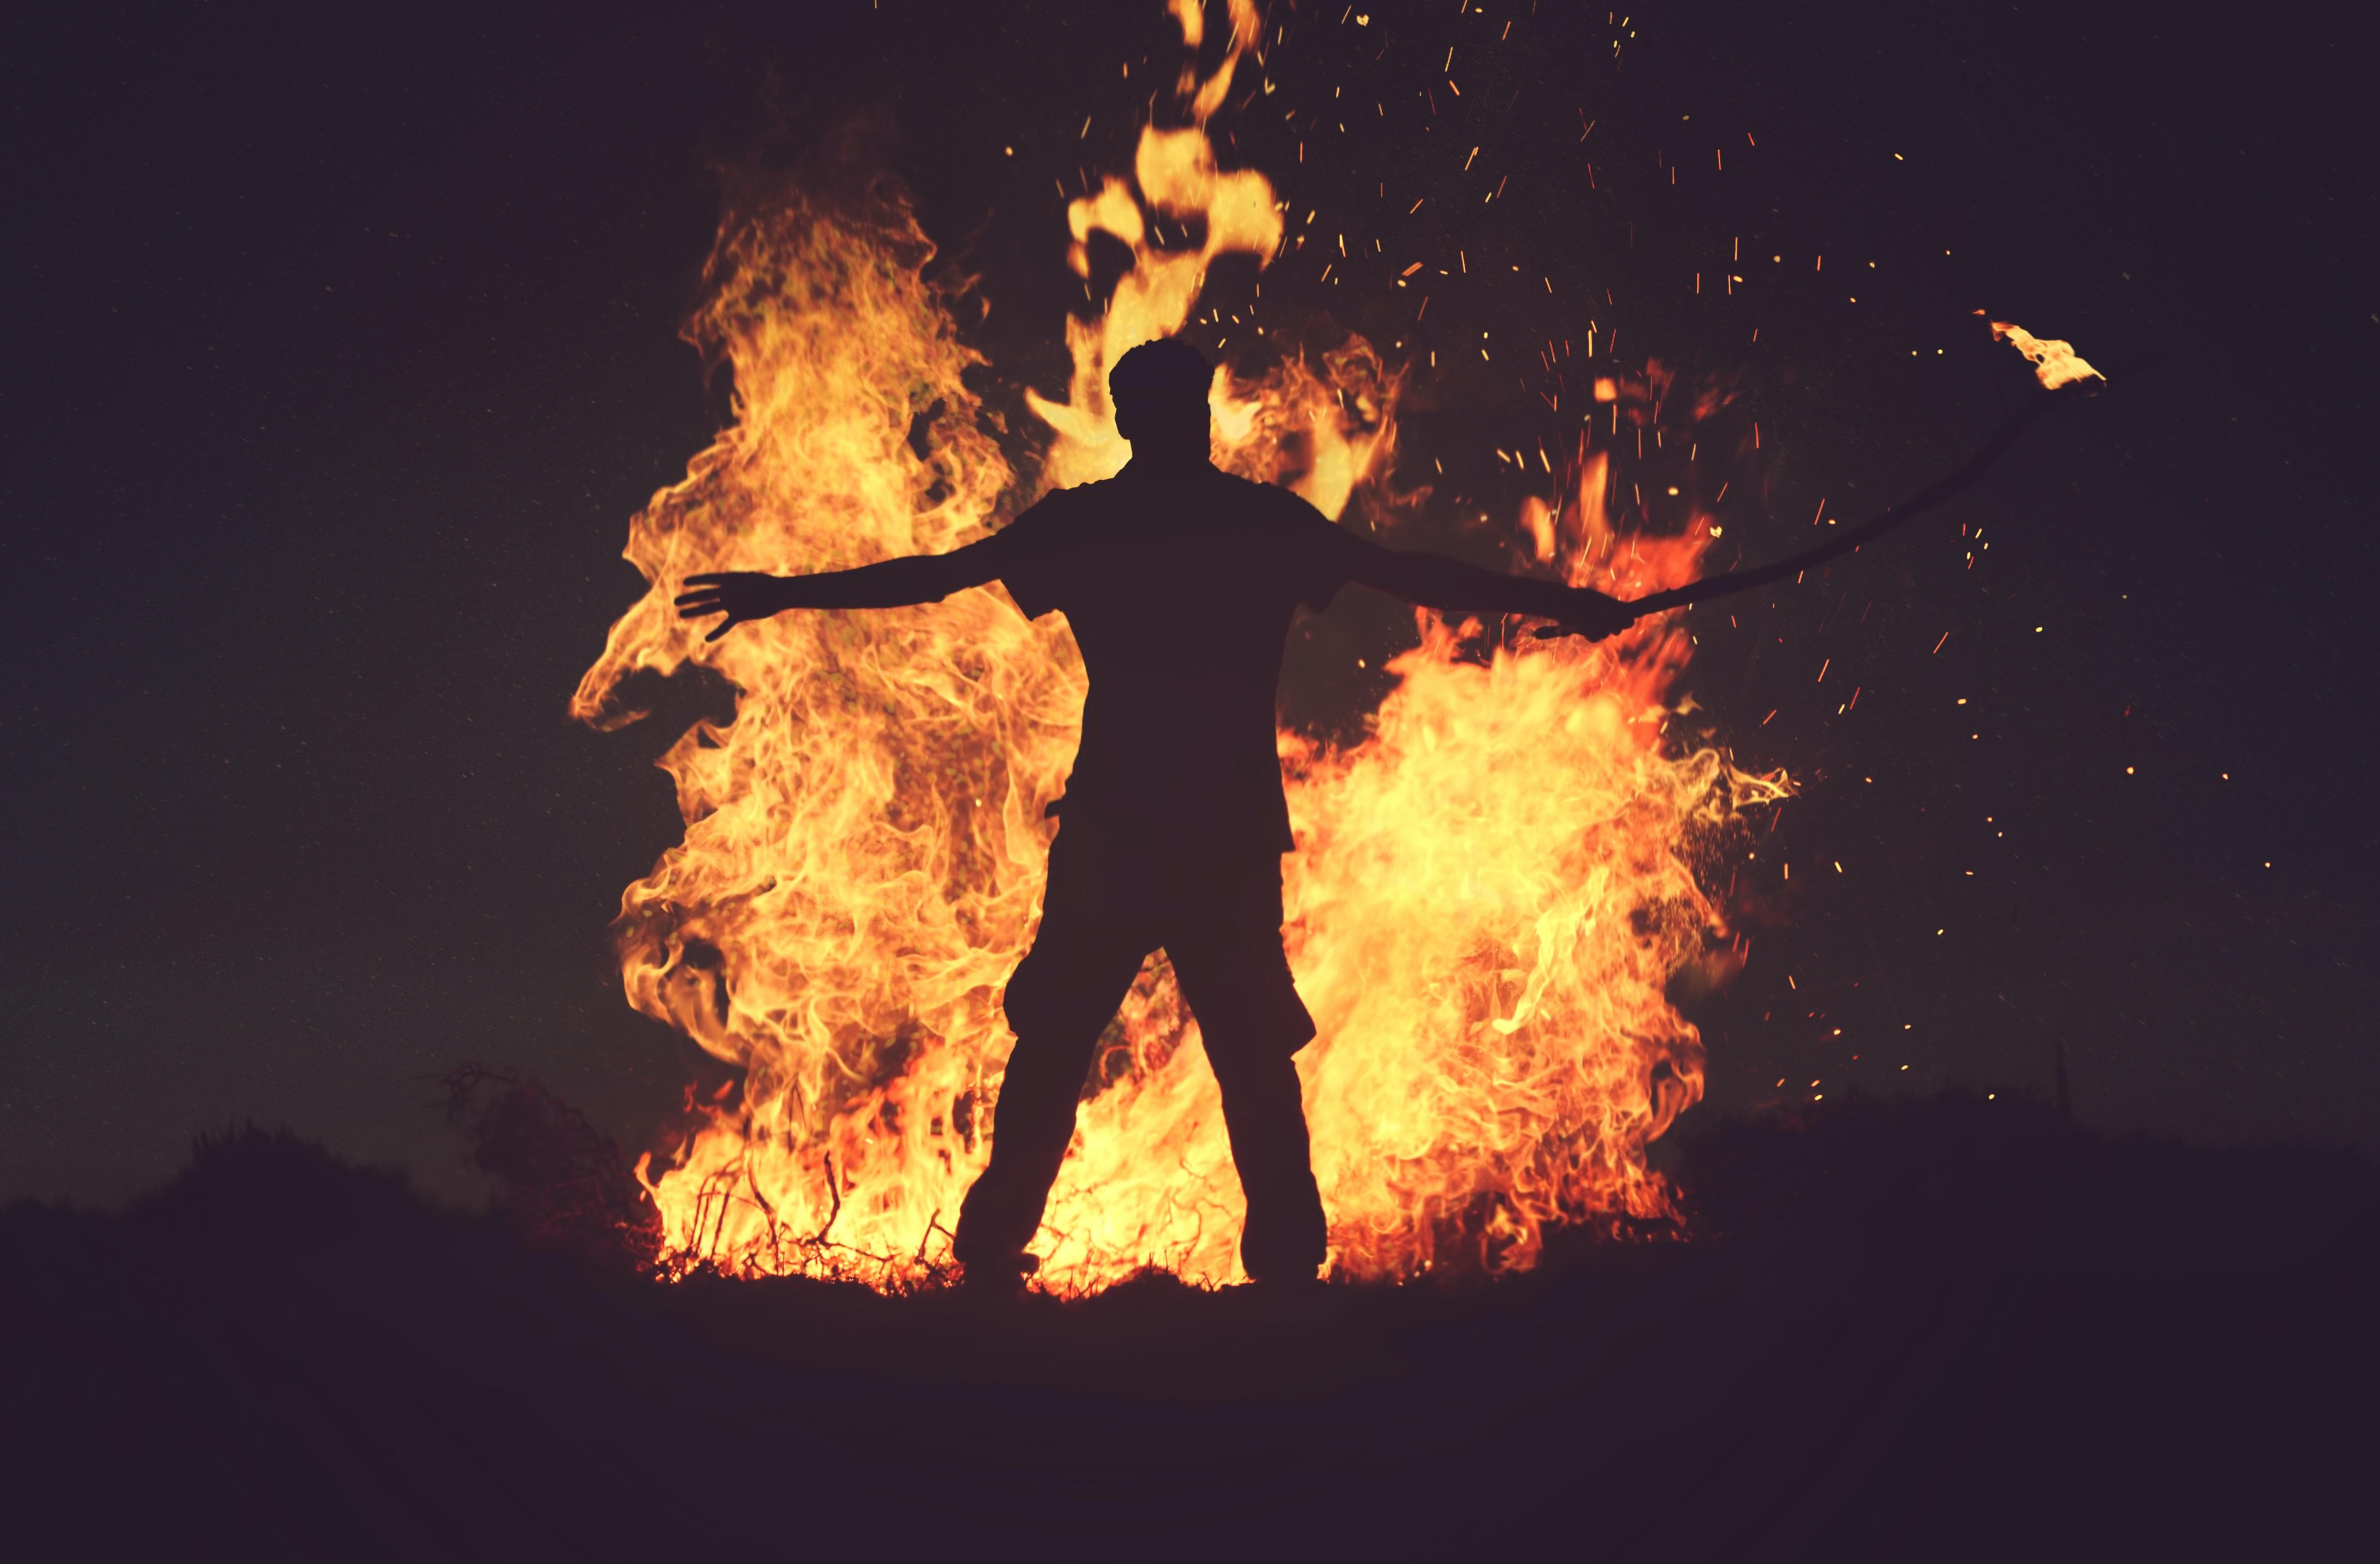 some men just like to watch the world burn, mwahahahaha